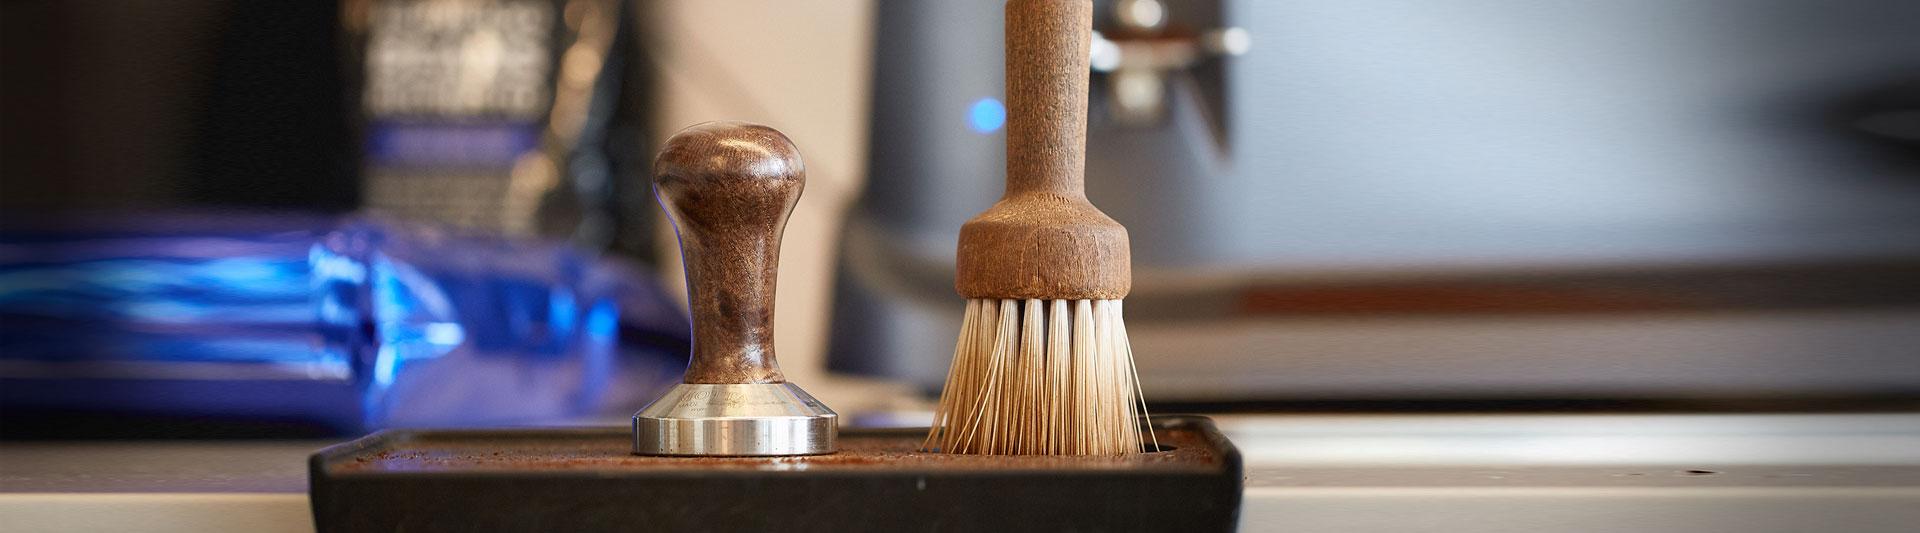 מוצרי תחזוקה למכונות קפה